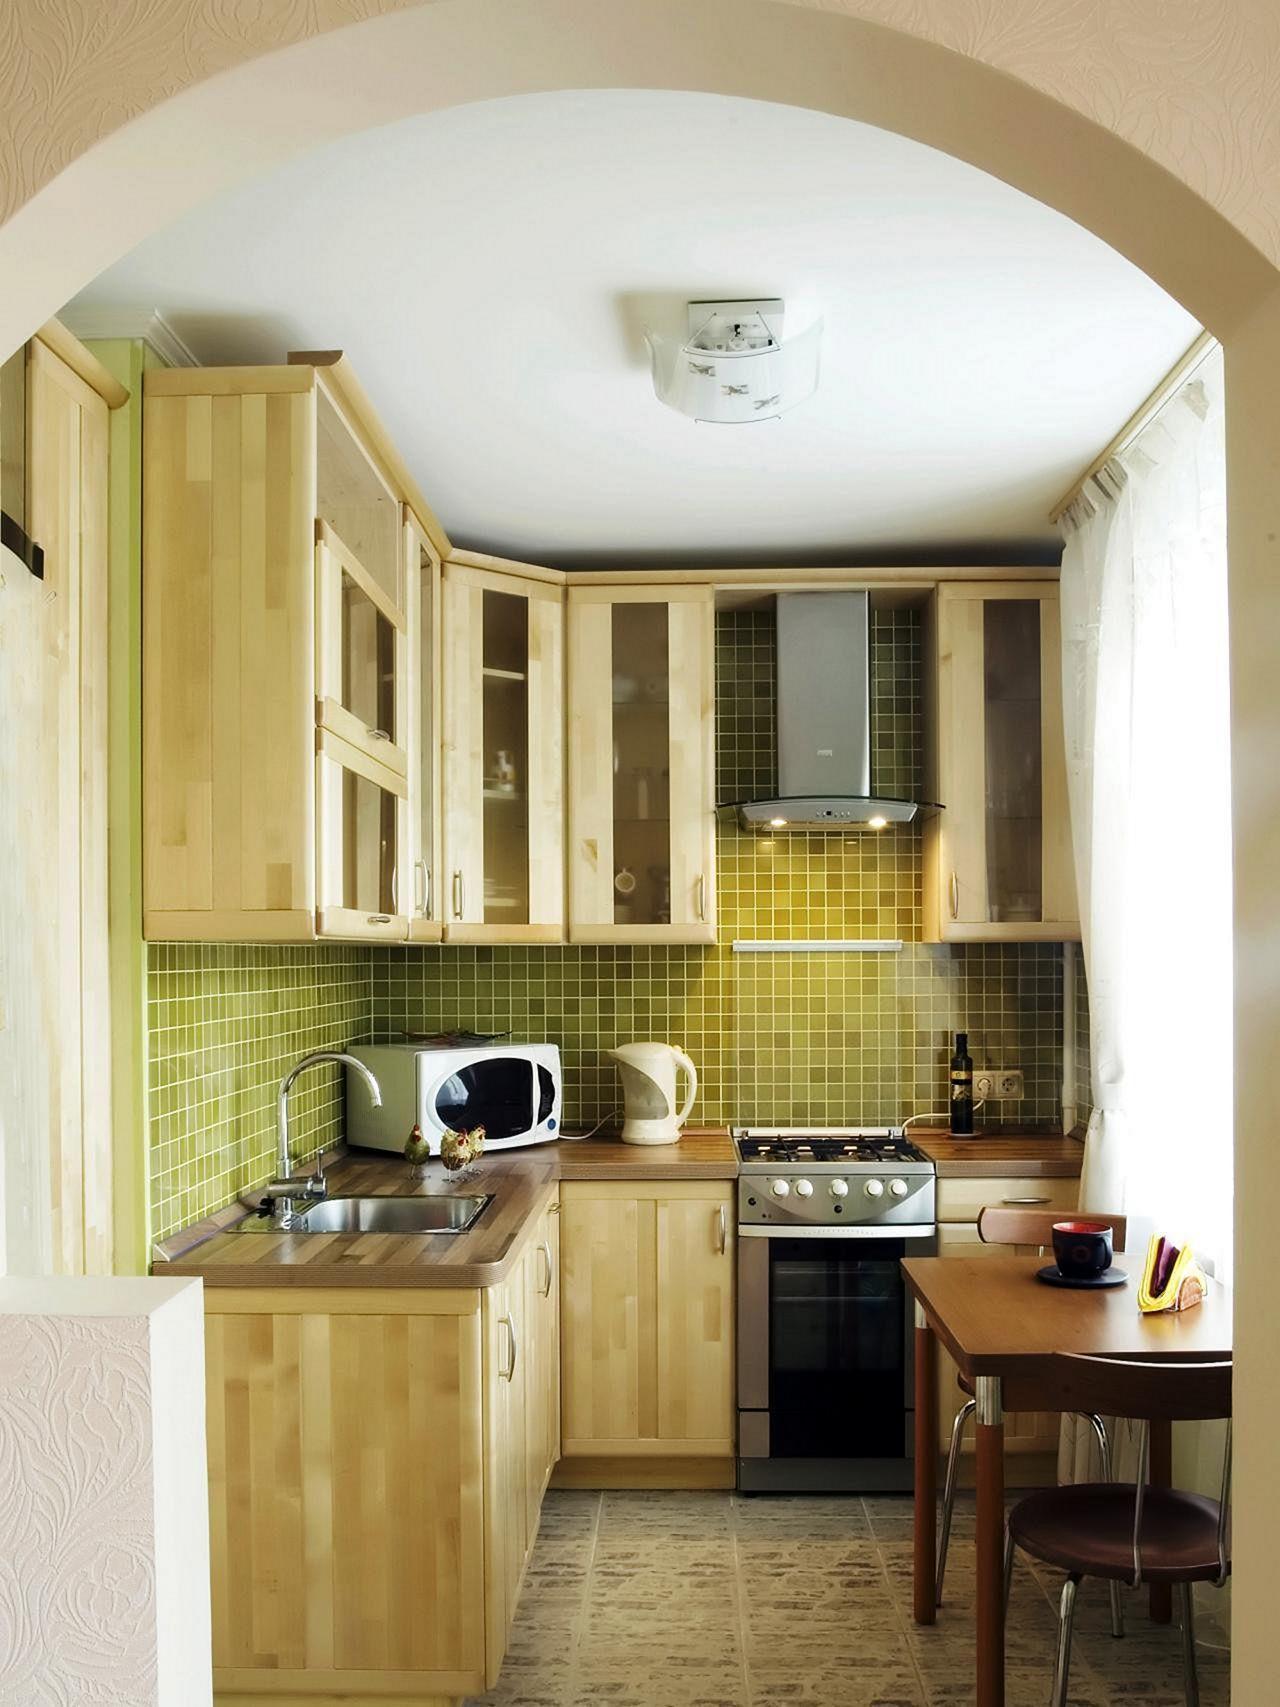 Mini Kitchen Design 21 Kitchen Design Small Space Simple Kitchen Design Small Space Kitchen